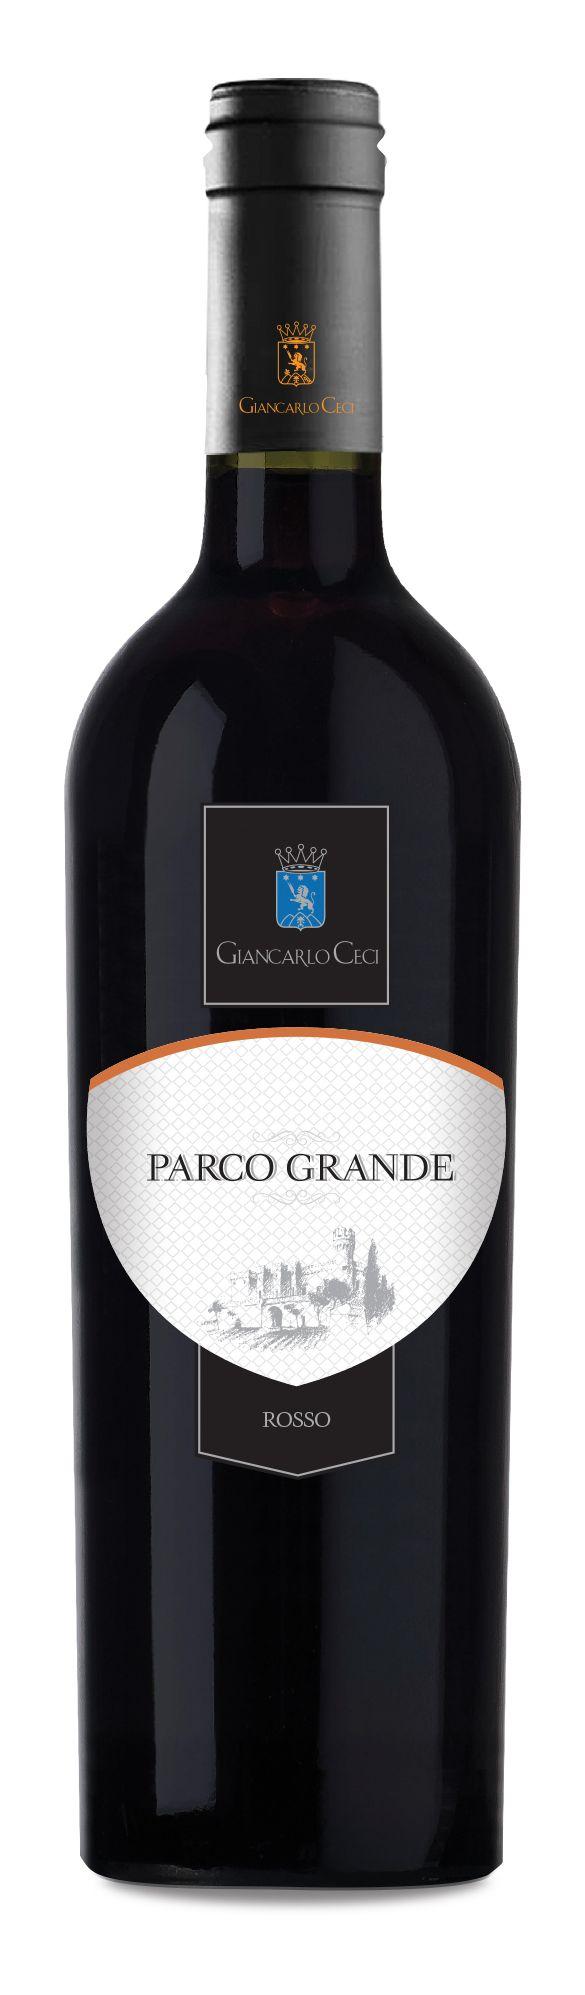 Parco Grande - Vino Rosso Biologico - Azienda Agricola Giancarlo Ceci